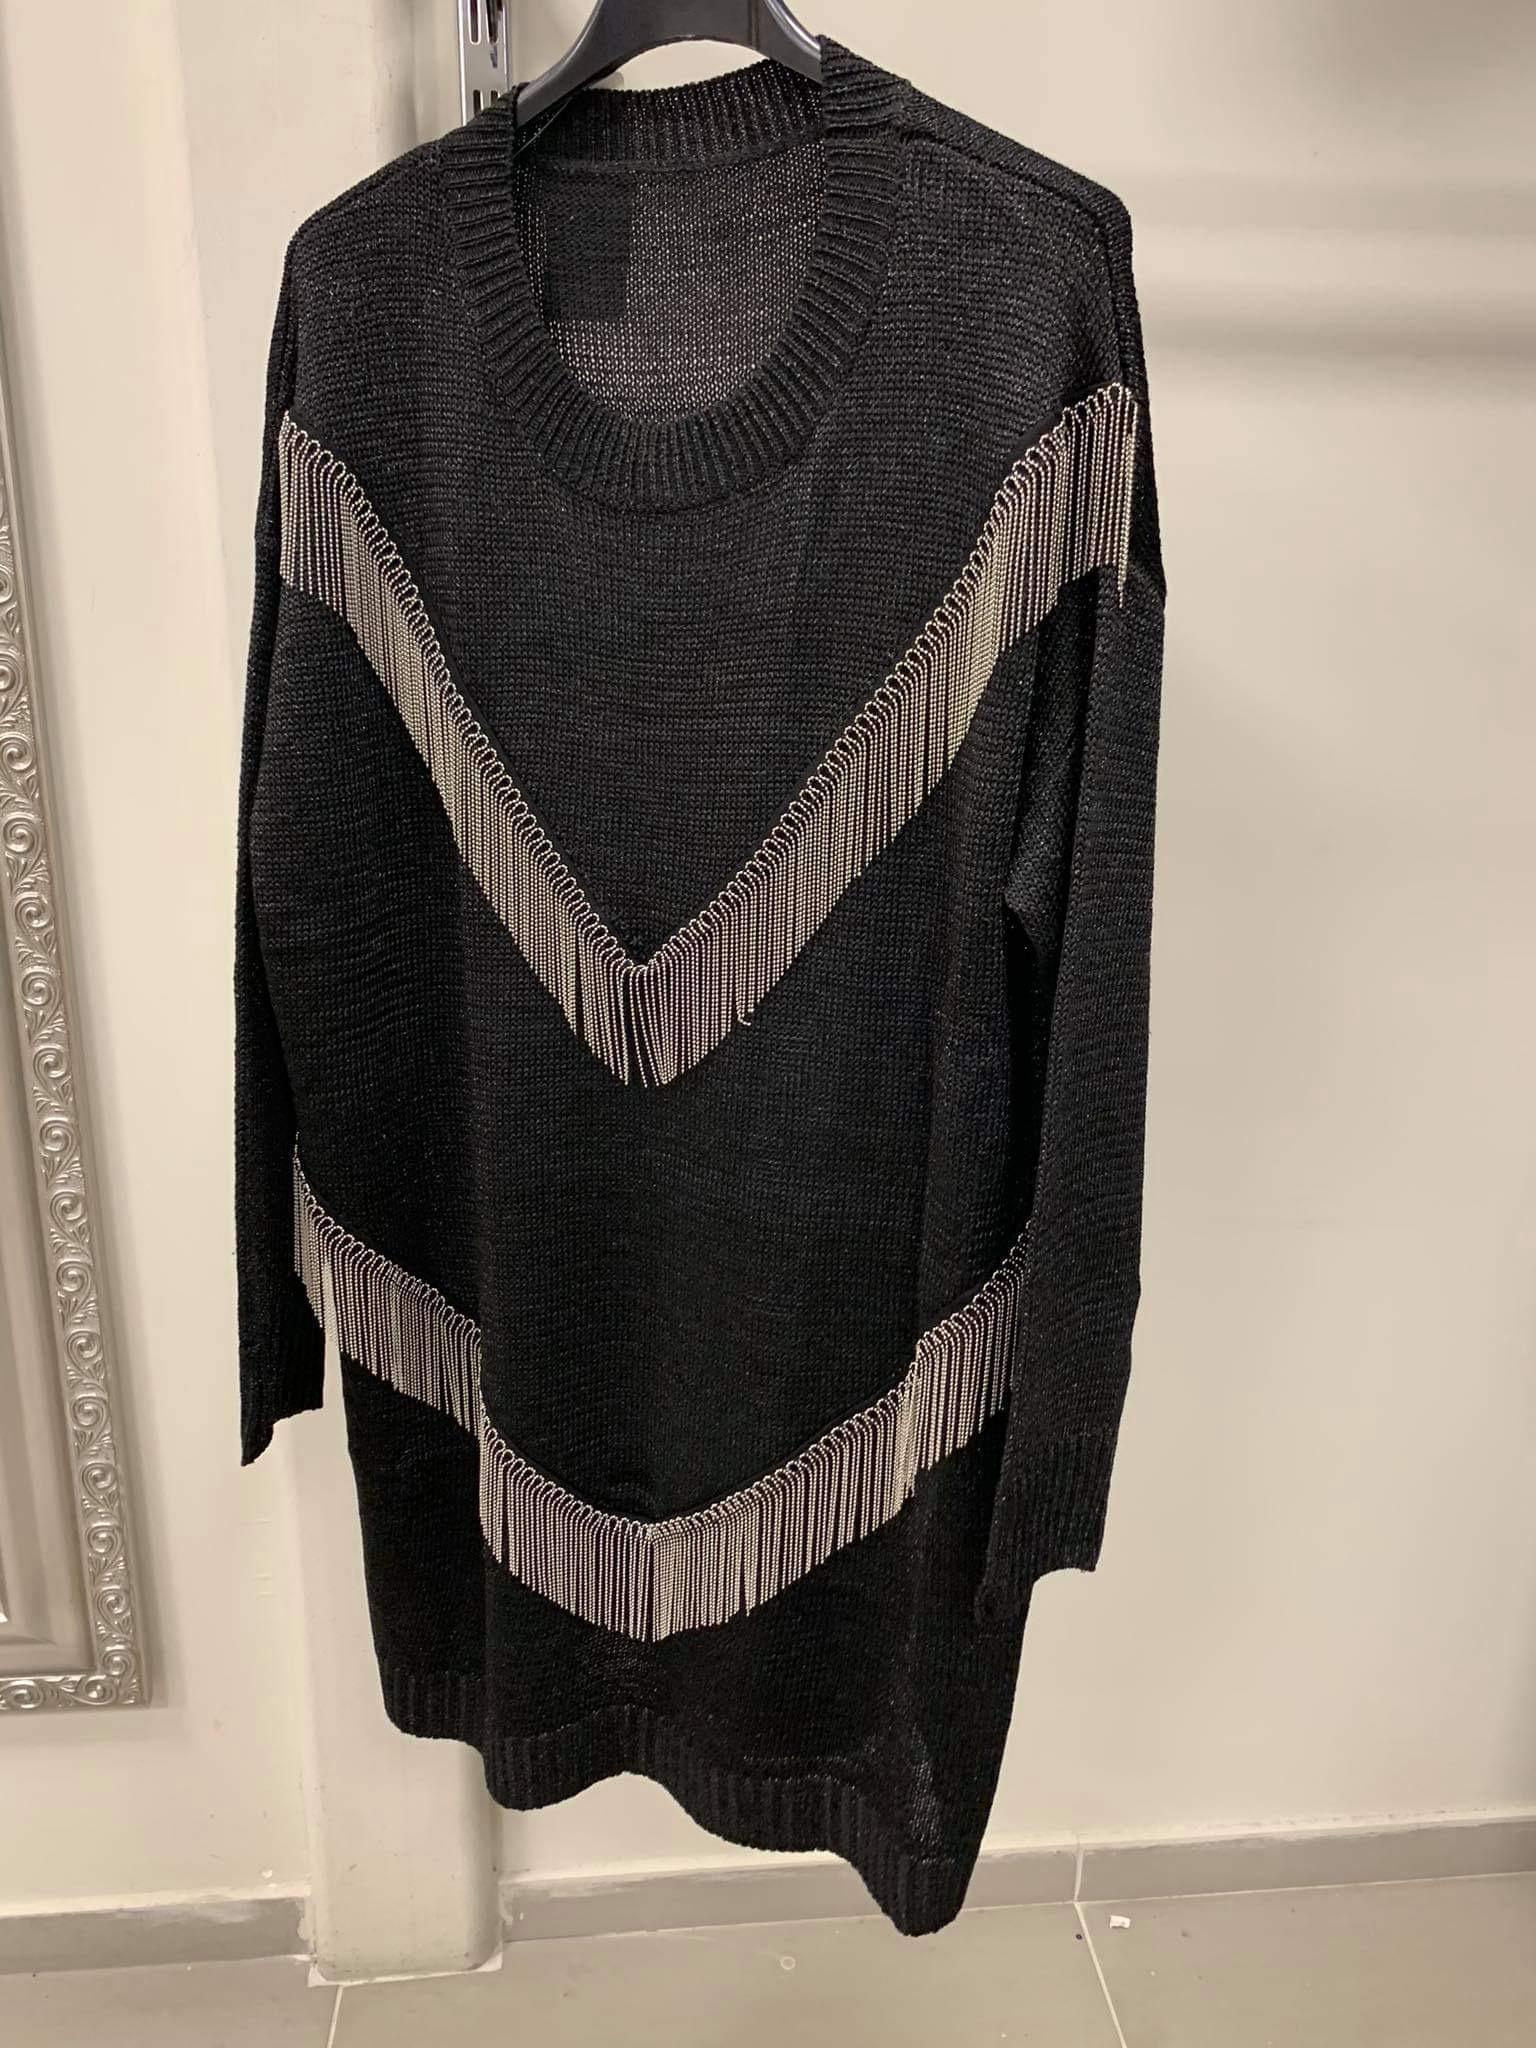 Megztinis tunika su grandinėlėmis.